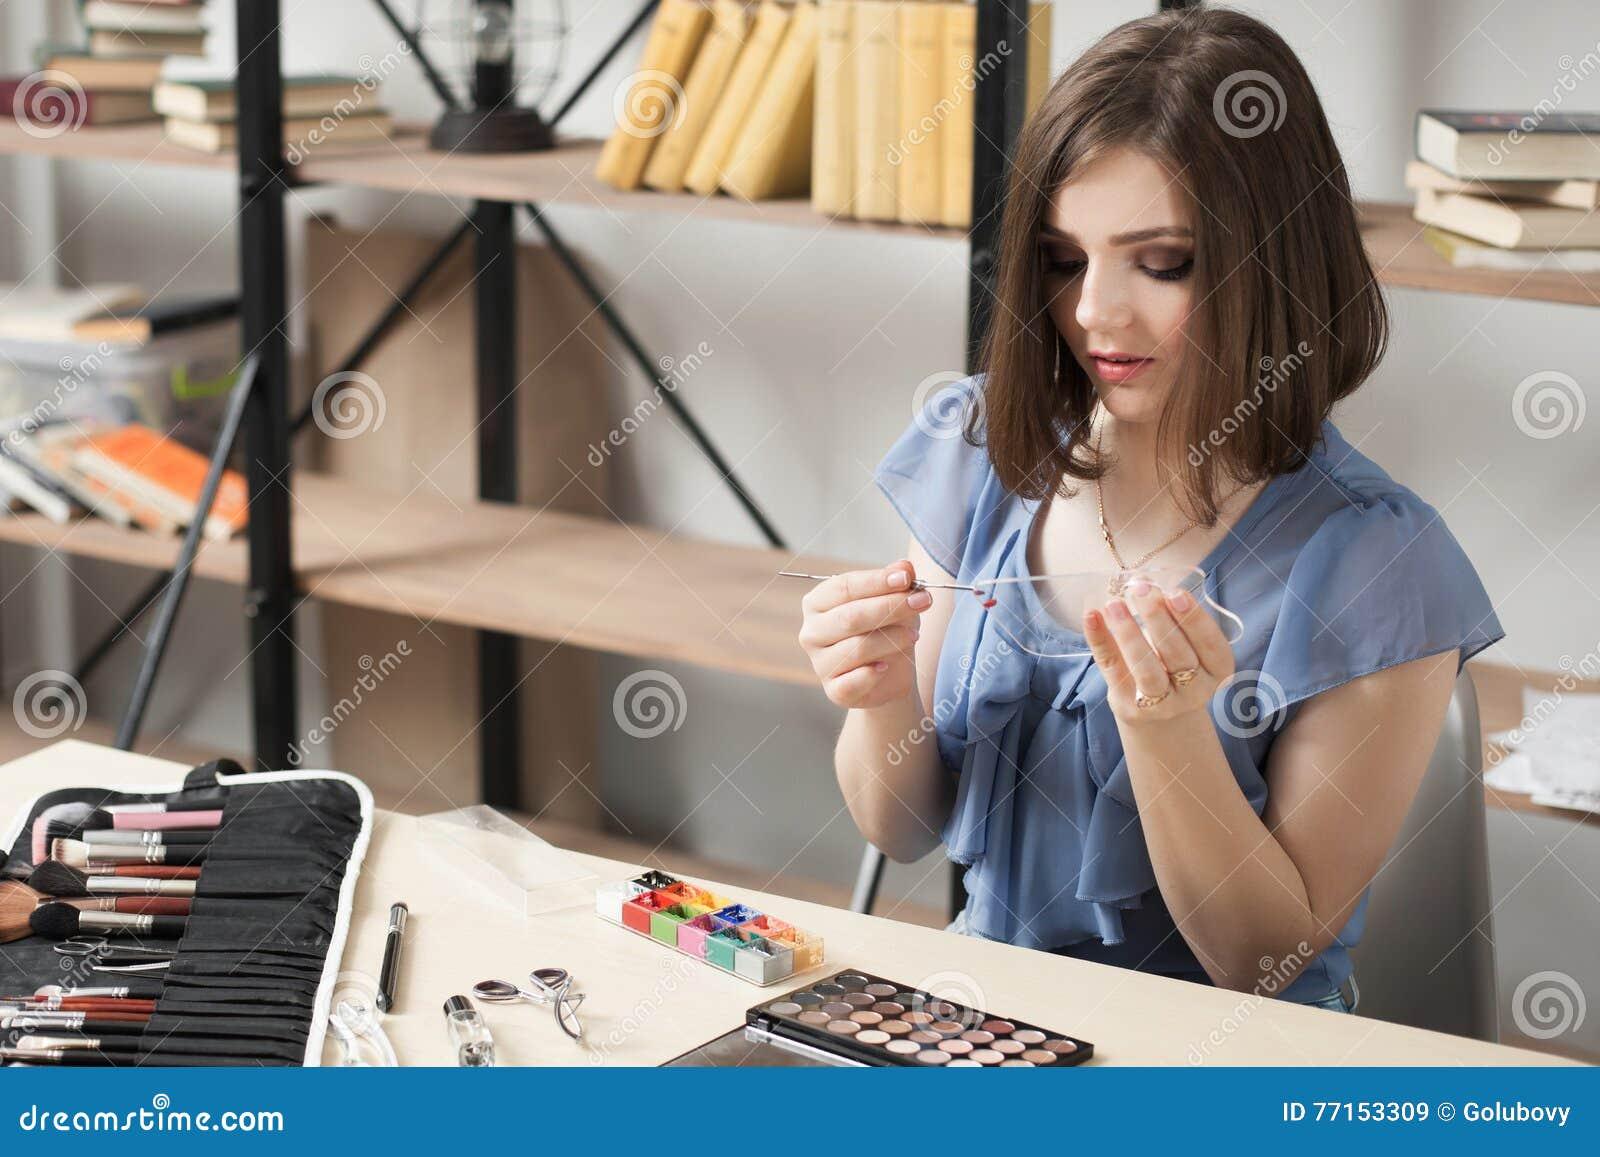 La femme dessine sur la palette en verre avec la peinture théâtrale